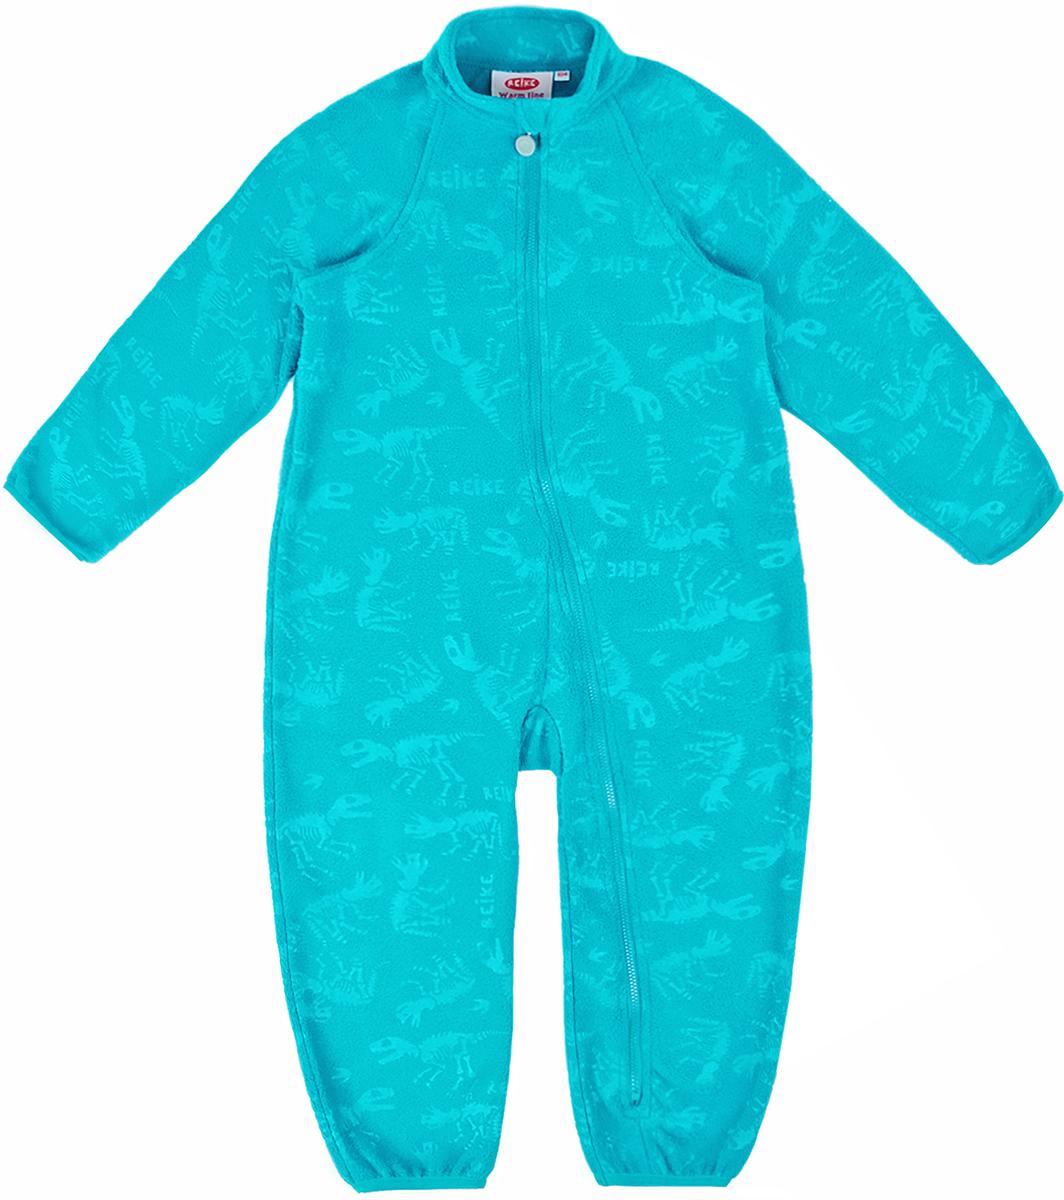 Комбинезон утепленный детский флисовый Reike, цвет: бирюзовый. WL-15_turquise. Размер 92WL-15_turquise